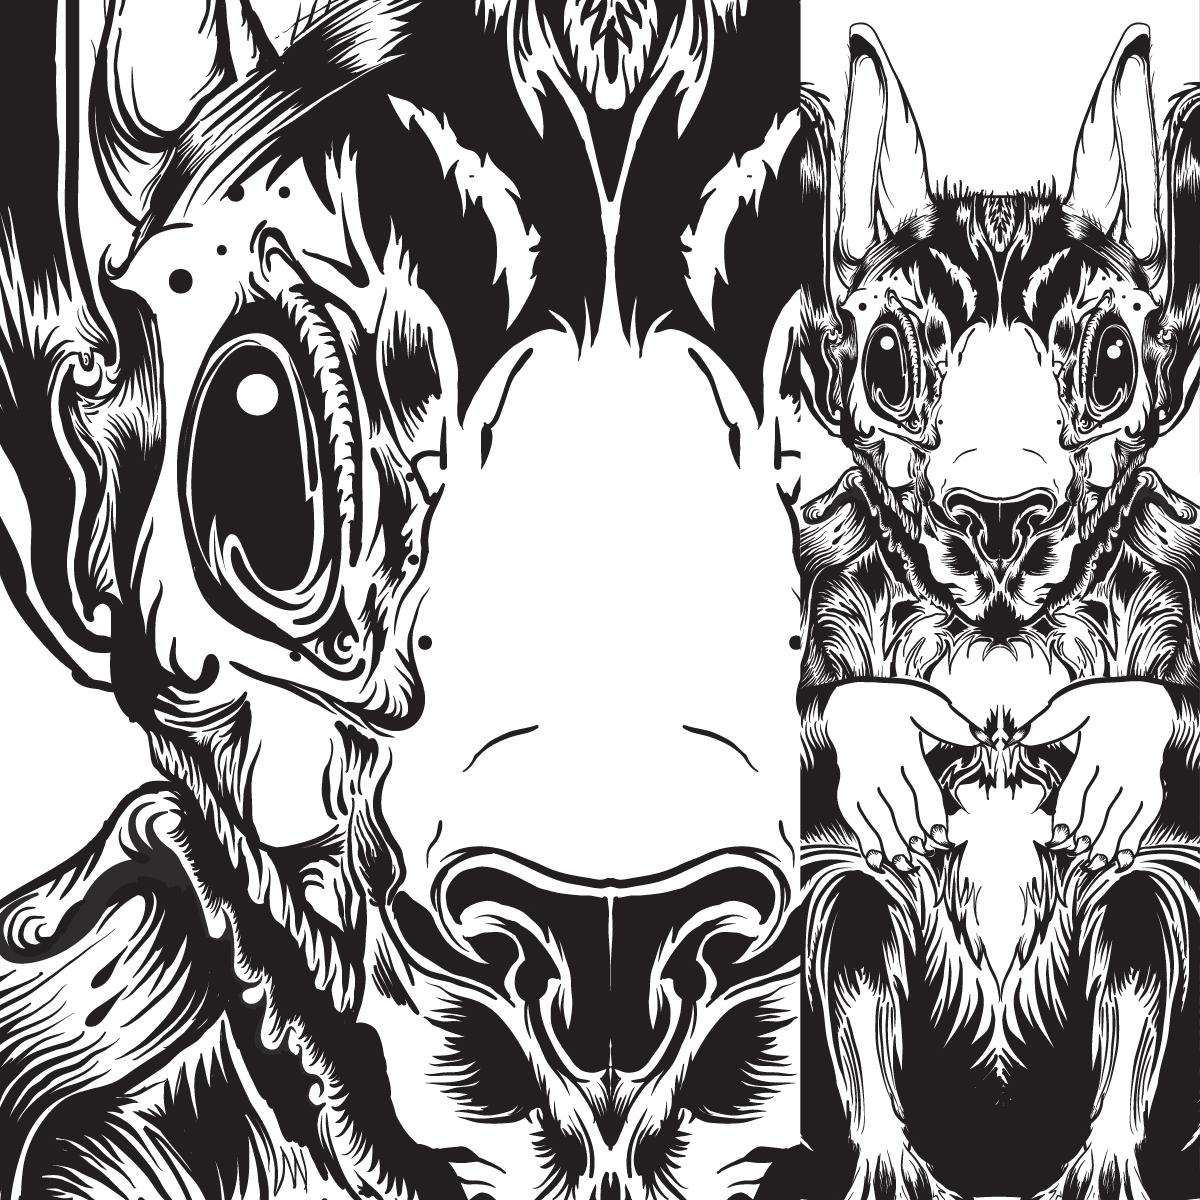 BW-Illustrations3